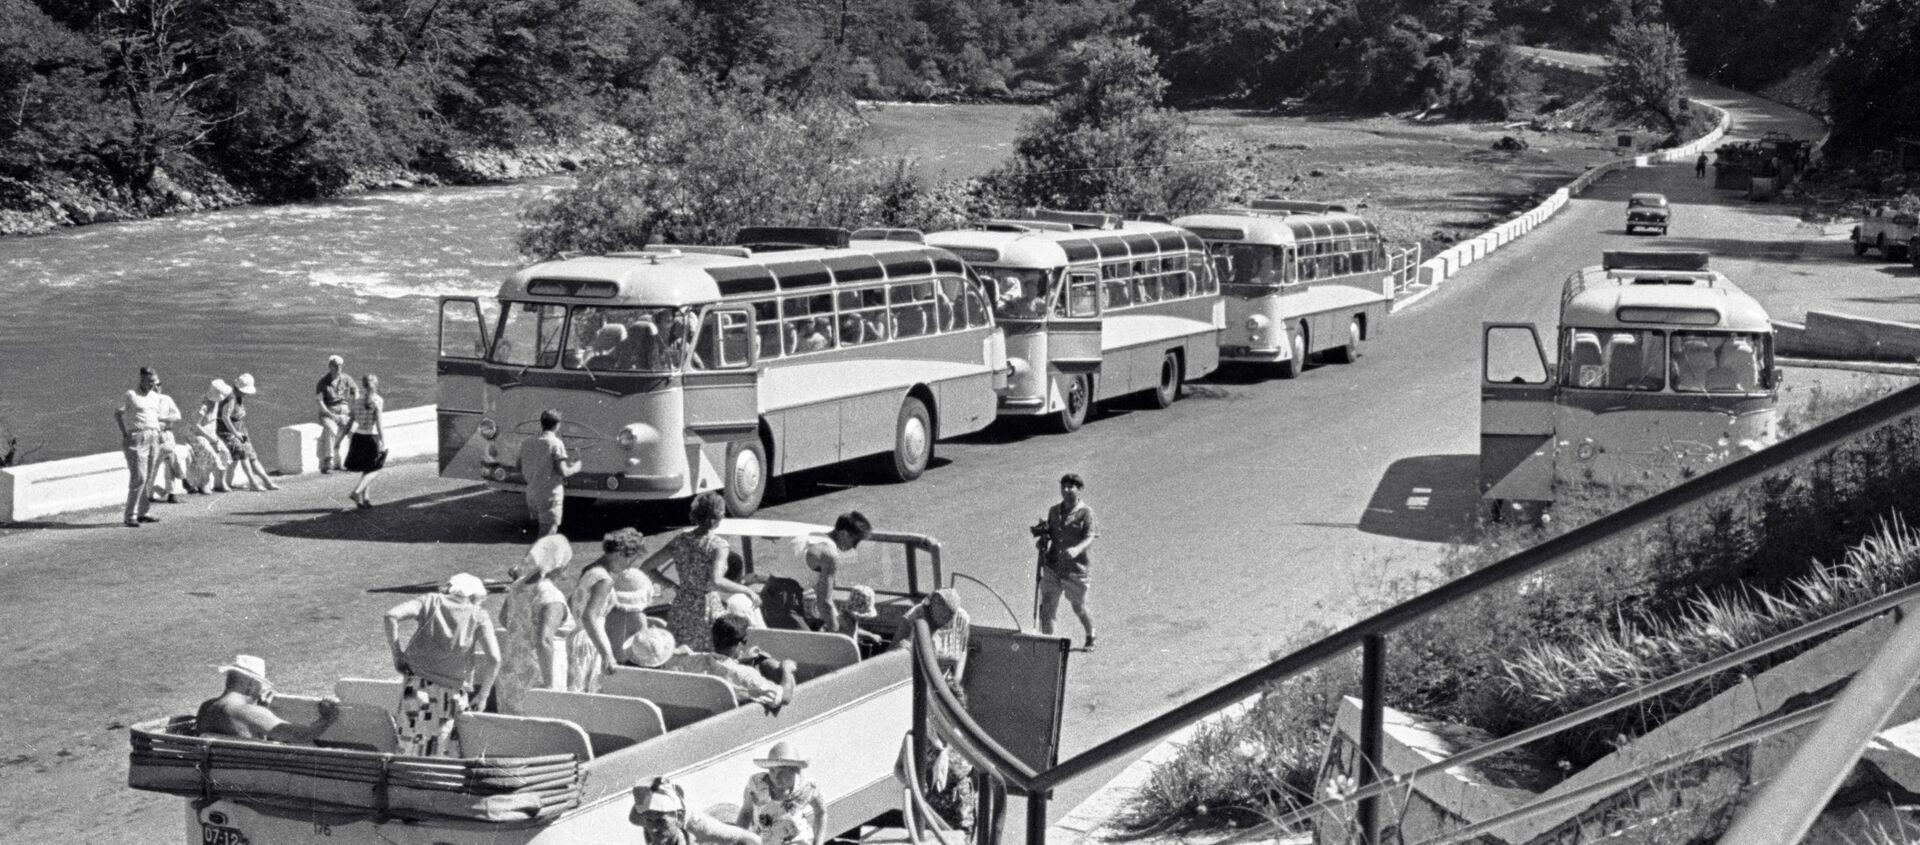 Экскурсия на озеро Рица. Стоянка туристического транспорта. 1965 год. - Sputnik Абхазия, 1920, 17.11.2019